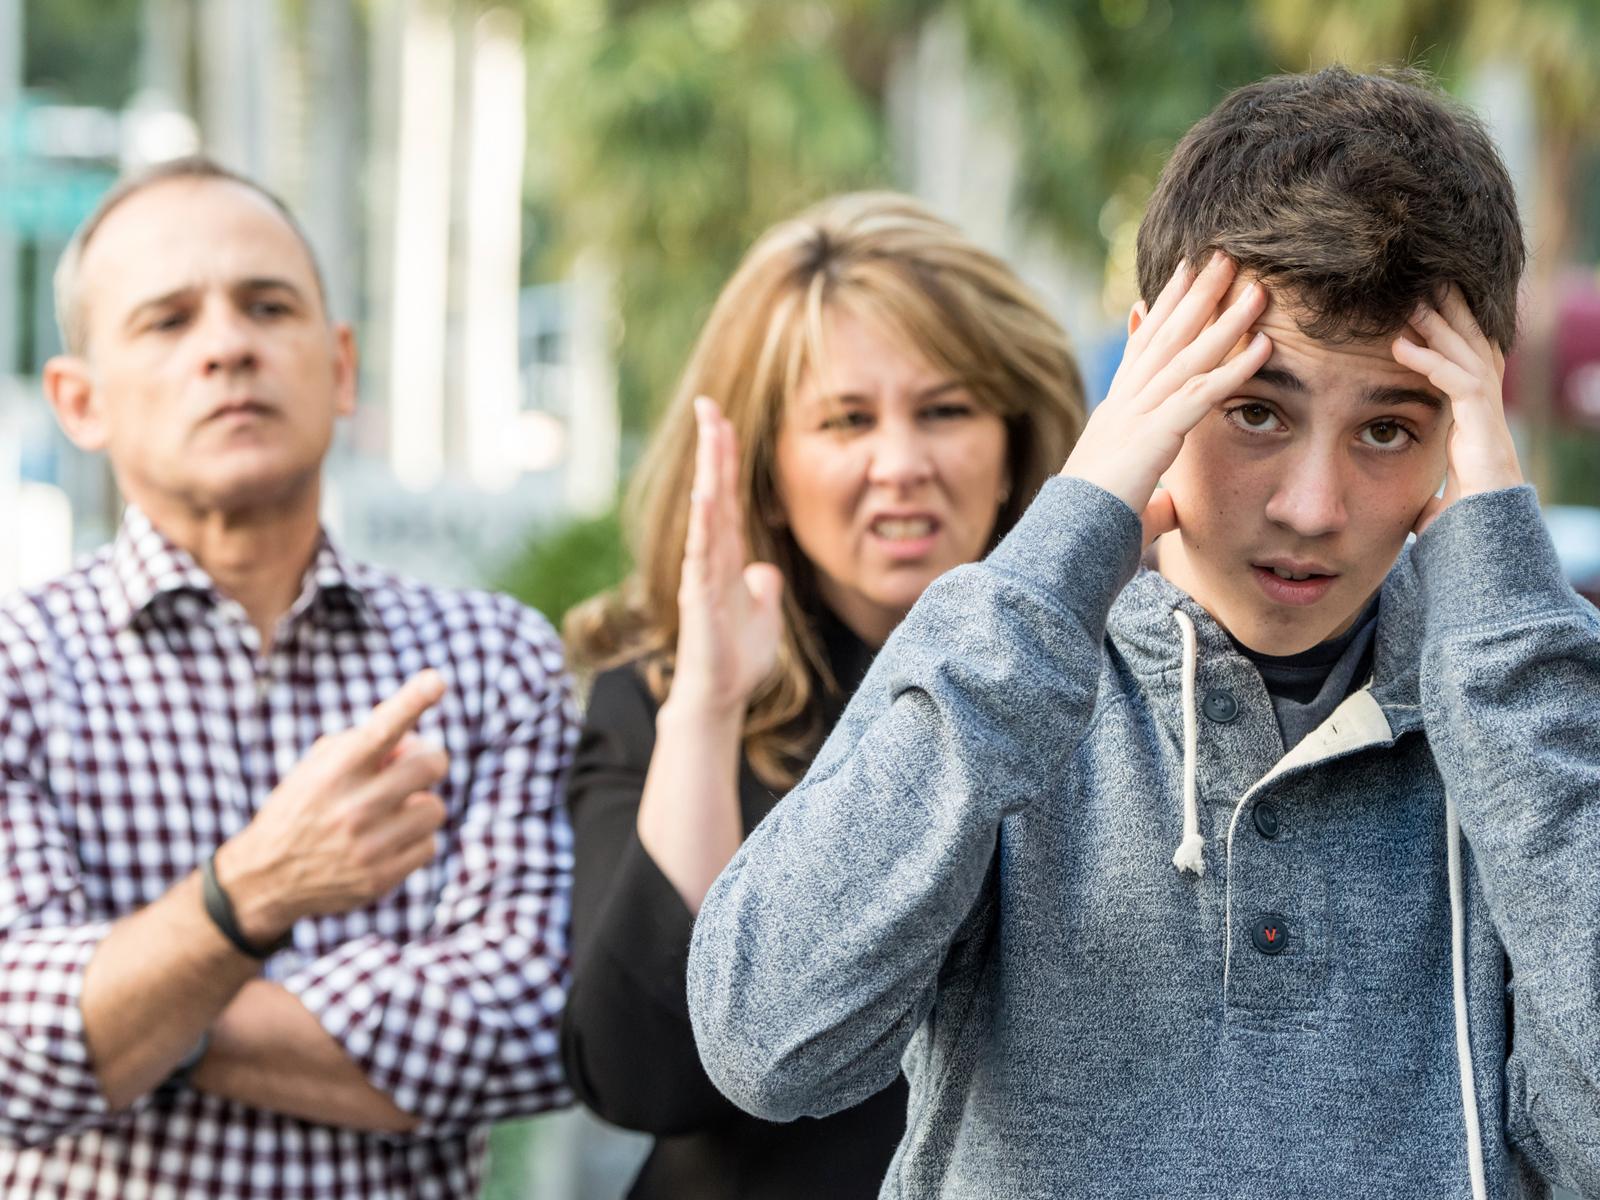 Sinais preocupantes que os pais não estão sabendo educar os filhos